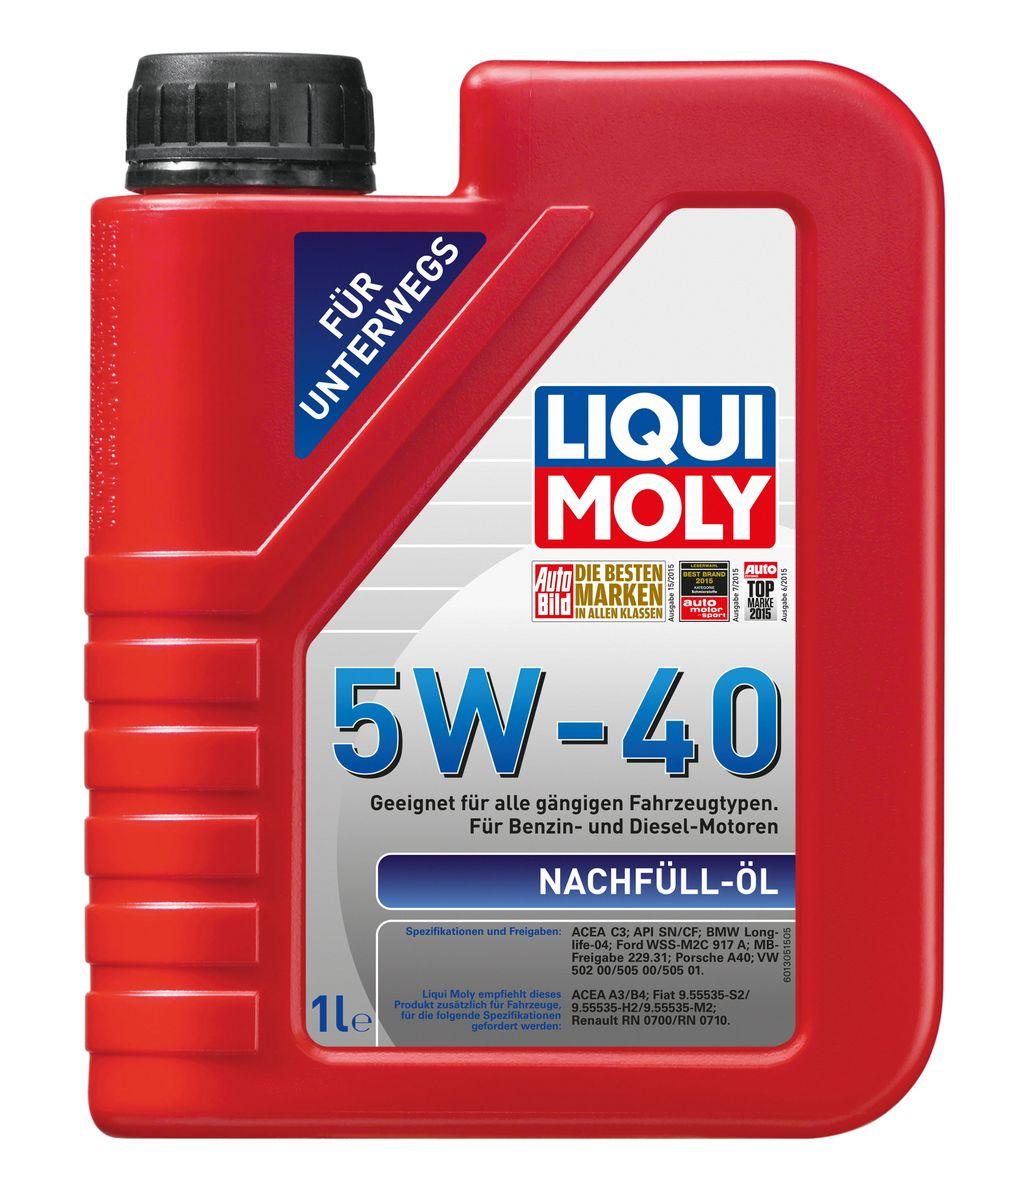 Масло моторное Liqui Moly Nachfull Oil, НС-синтетическое, 5W-40, 1 л8027Масло моторное Liqui Moly Nachfull Oil специально предназначено для доливки в случае, если ранее залитое масло недоступно. Смешивается и совместимо со всеми стандартными моторными маслами. Это современное малозольное НС-синтетическое моторное масло с именными допусками производителей. Экономит топливо за счет сниженной высокотемпературной вязкости. Снижает трение и износ в двигателе. Совместимо с большинством катализаторов и сажевых фильтров. Особенности: - предназначено для всех типов двигателей автомобилей, - смешивается со всеми обычными моторными маслами, - быстрое поступление масла ко всем деталям двигателя при низких температурах, - очень высокая стабильность масляной пленки при высоких и низких температурах, - высокая стабильность масла к сдвигу и старению, - очень хорошие противоизносные свойства, - экономит топливо и снижает количество вредных веществ в выхлопе, - обеспечивает оптимальную чистоту двигателя, - легкий запуск двигателя, - протестировано на совместимость с турбированными двигателями и катализатором. Благодаря уникальной формуле позволяет доливать это масло в любые товарные масла, чтобы исключить повреждения двигателя при его недостаточном уровне.